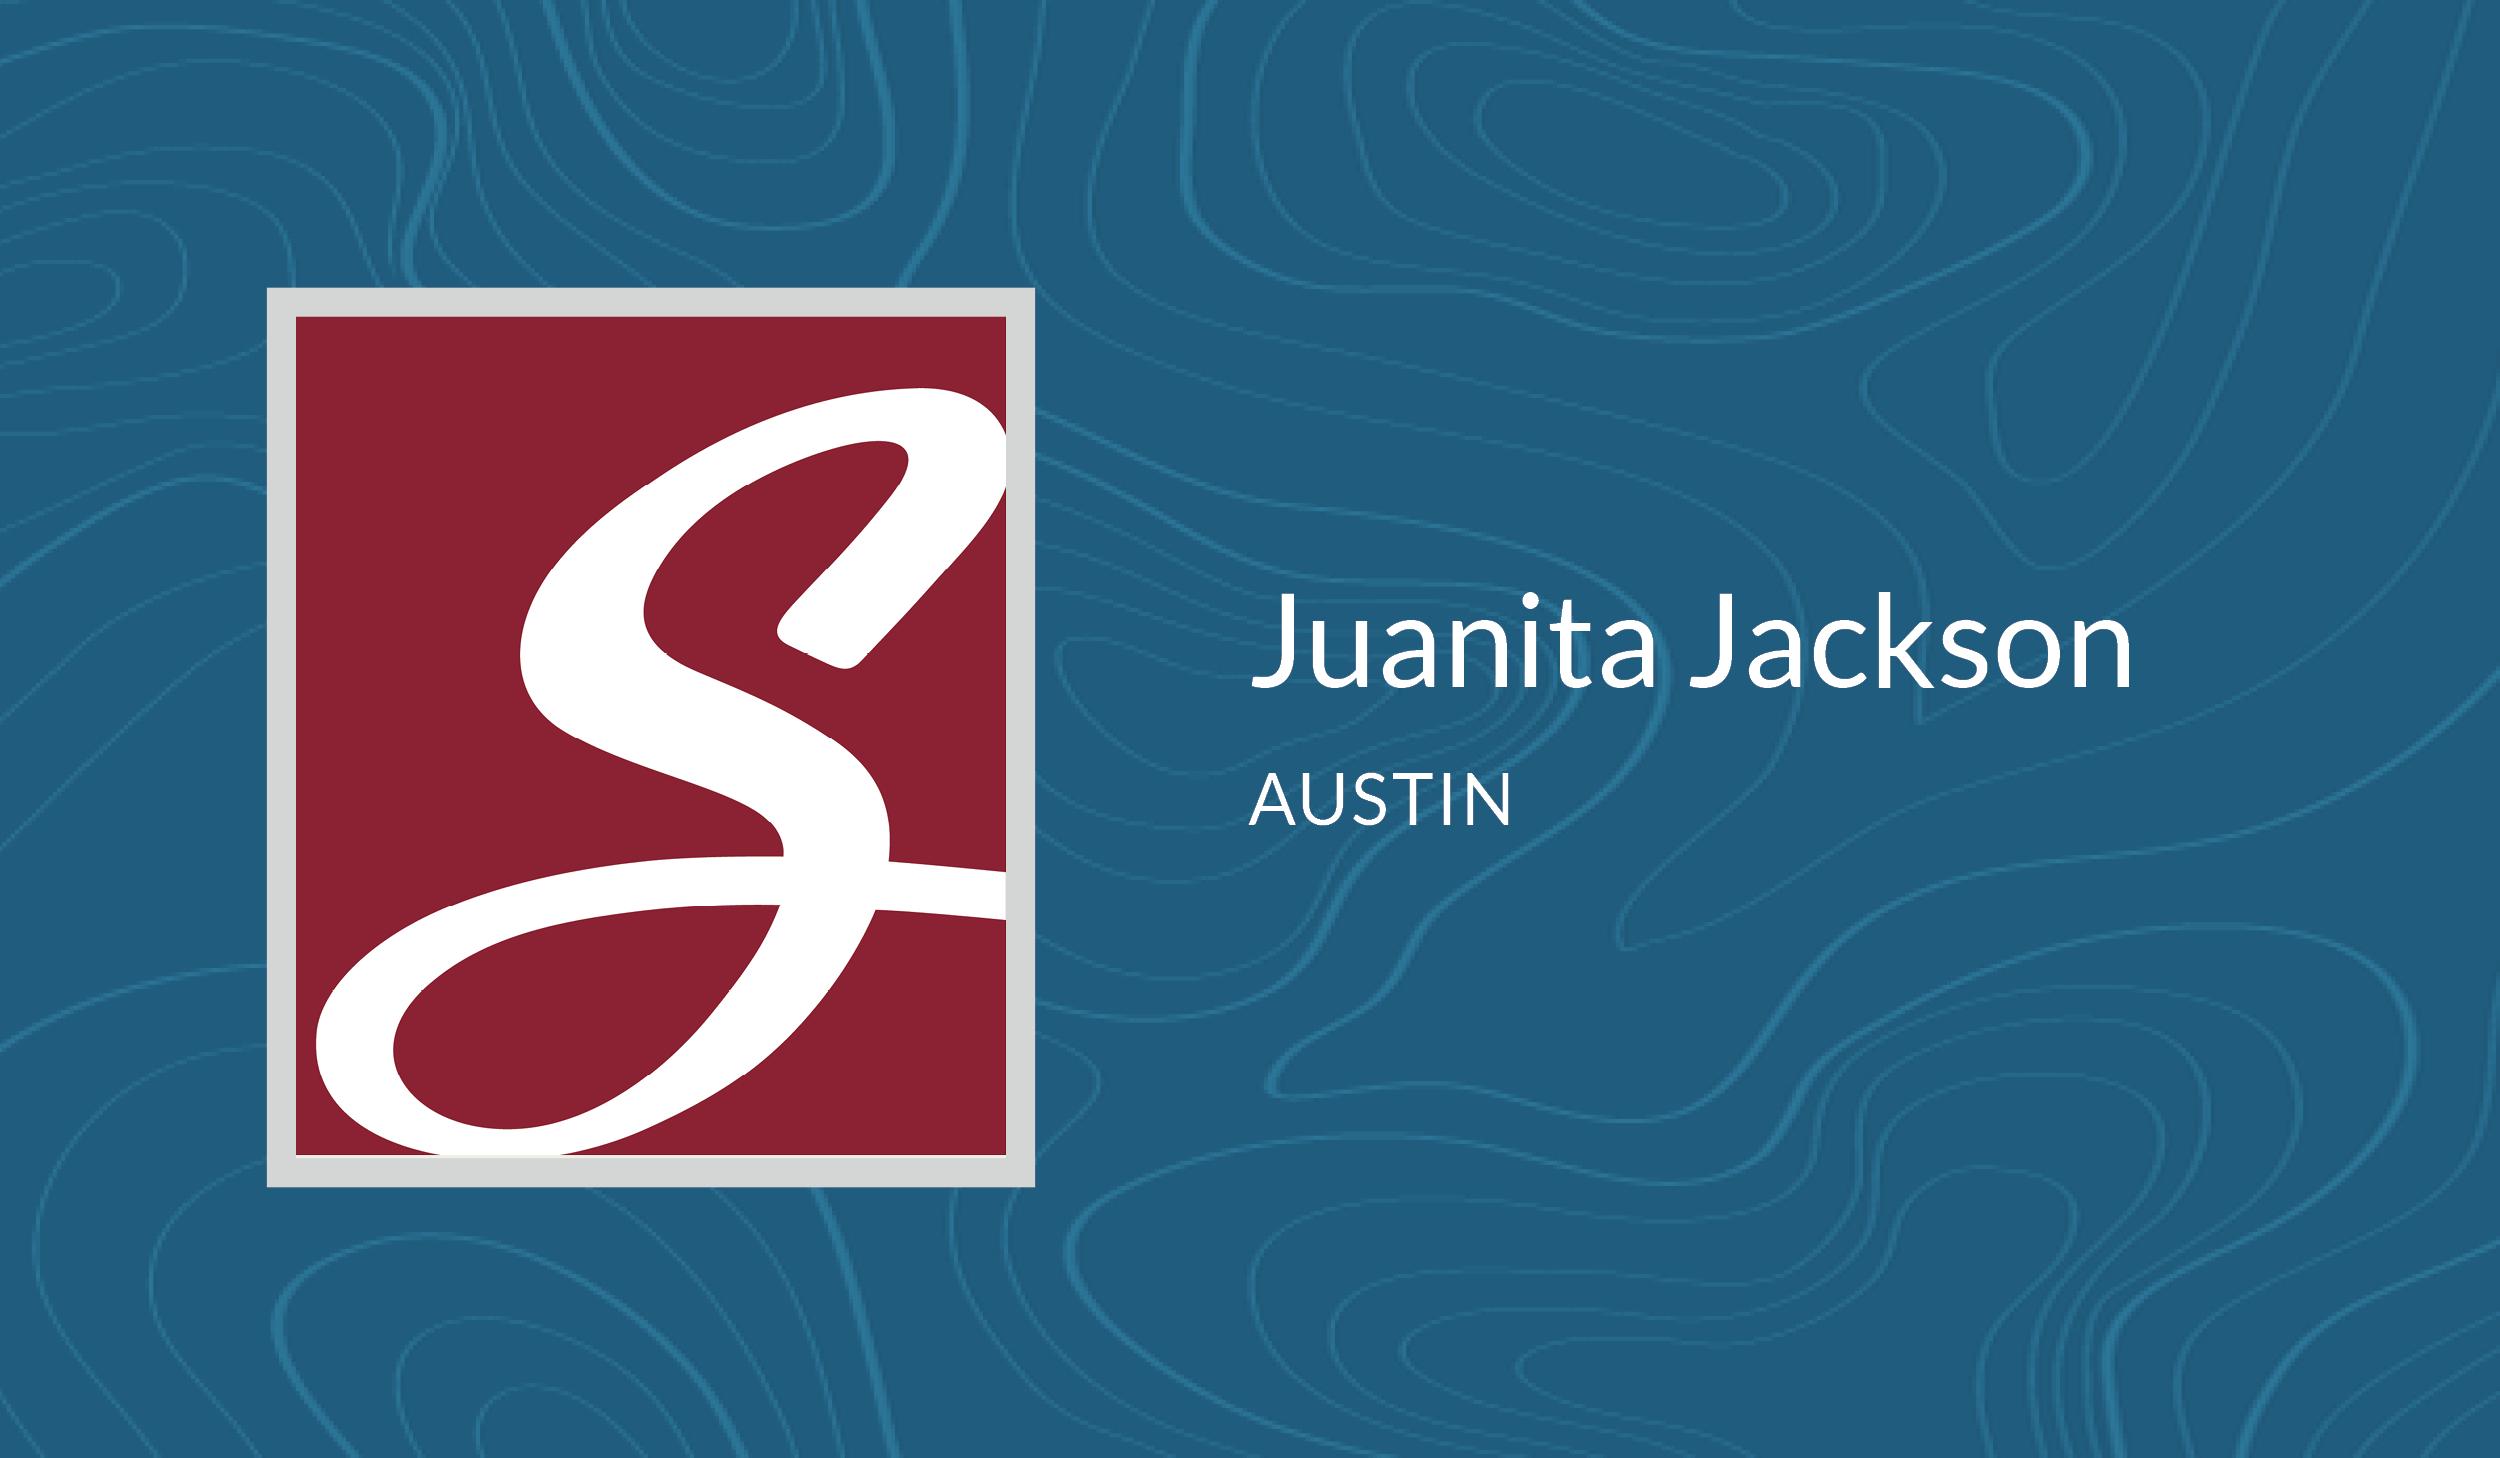 Juanita Jackson Landing Page Headers.png